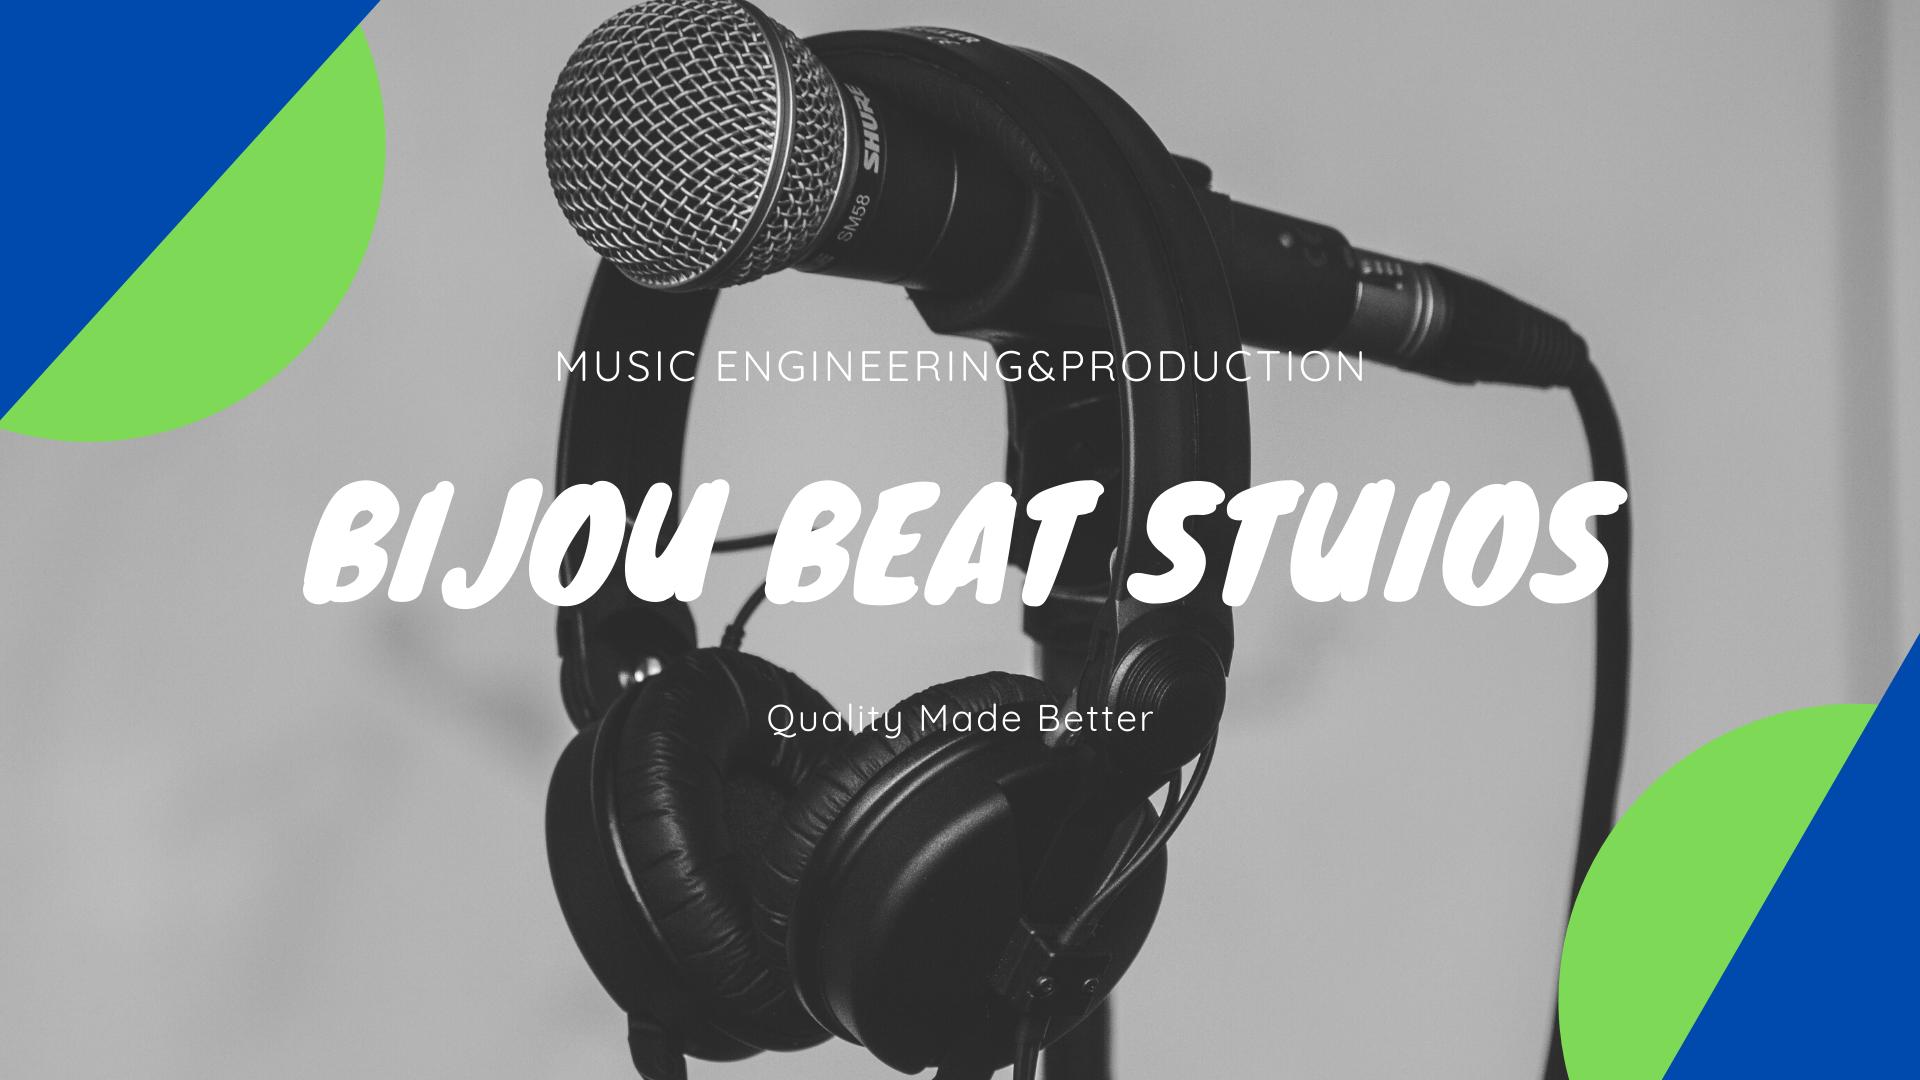 Bijou Beat Studios